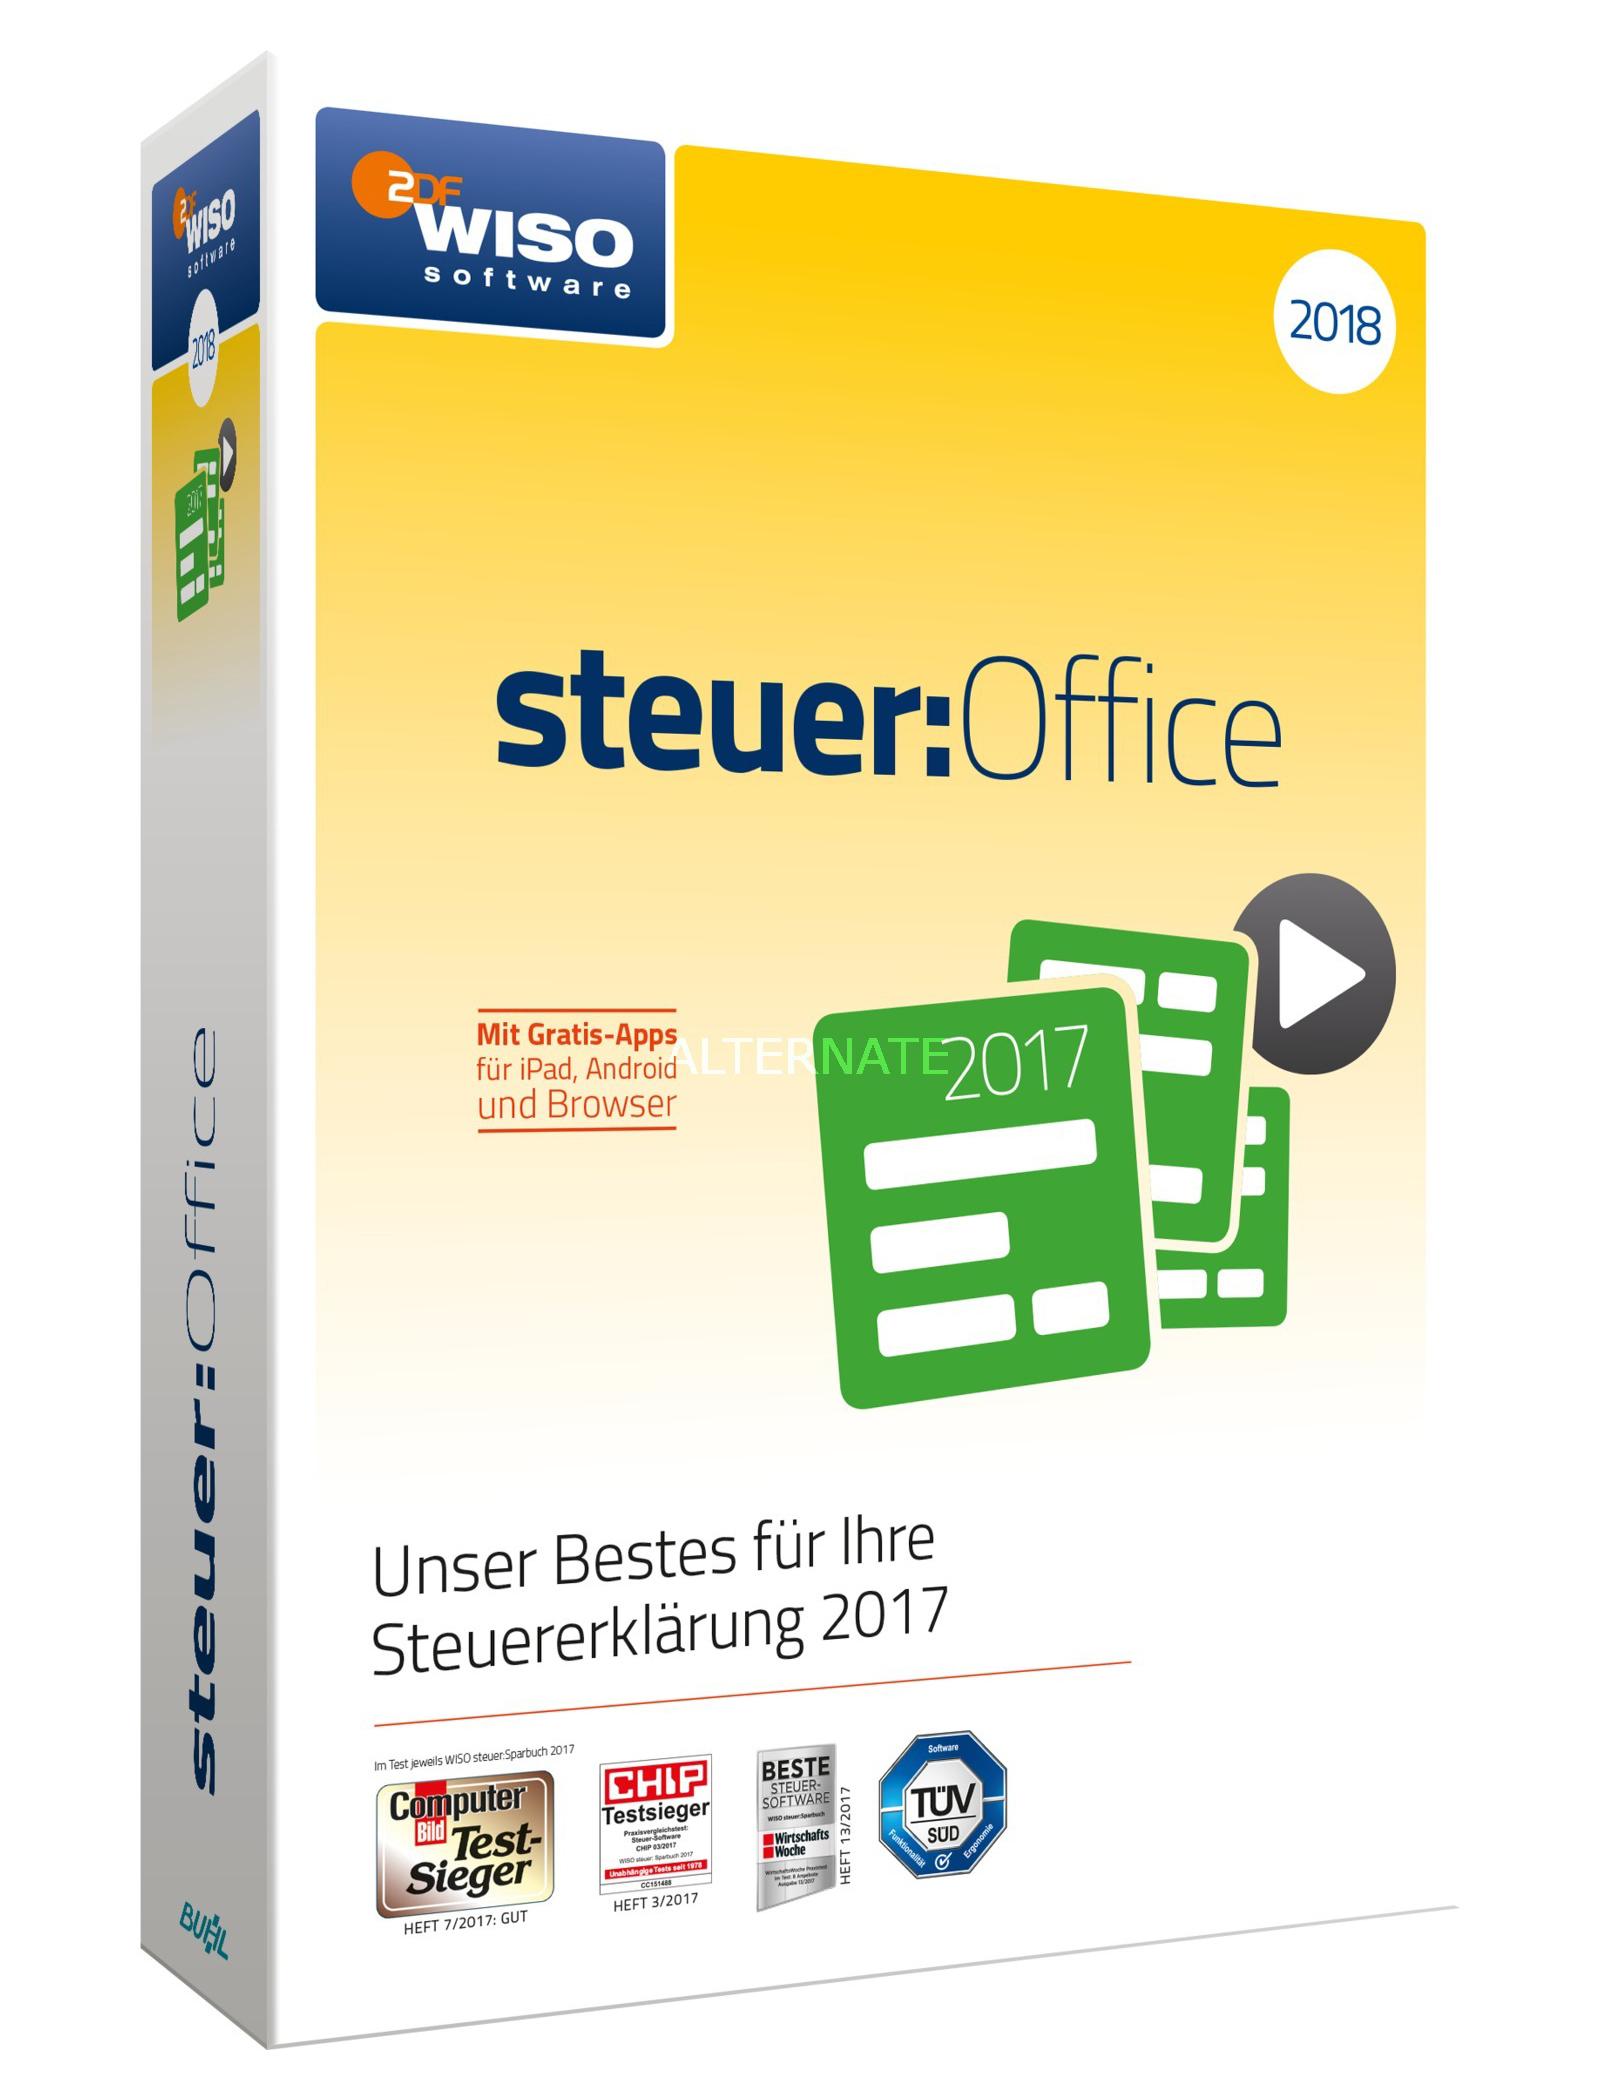 Buhl WISO steuer:Office 2018 (PC, Win)